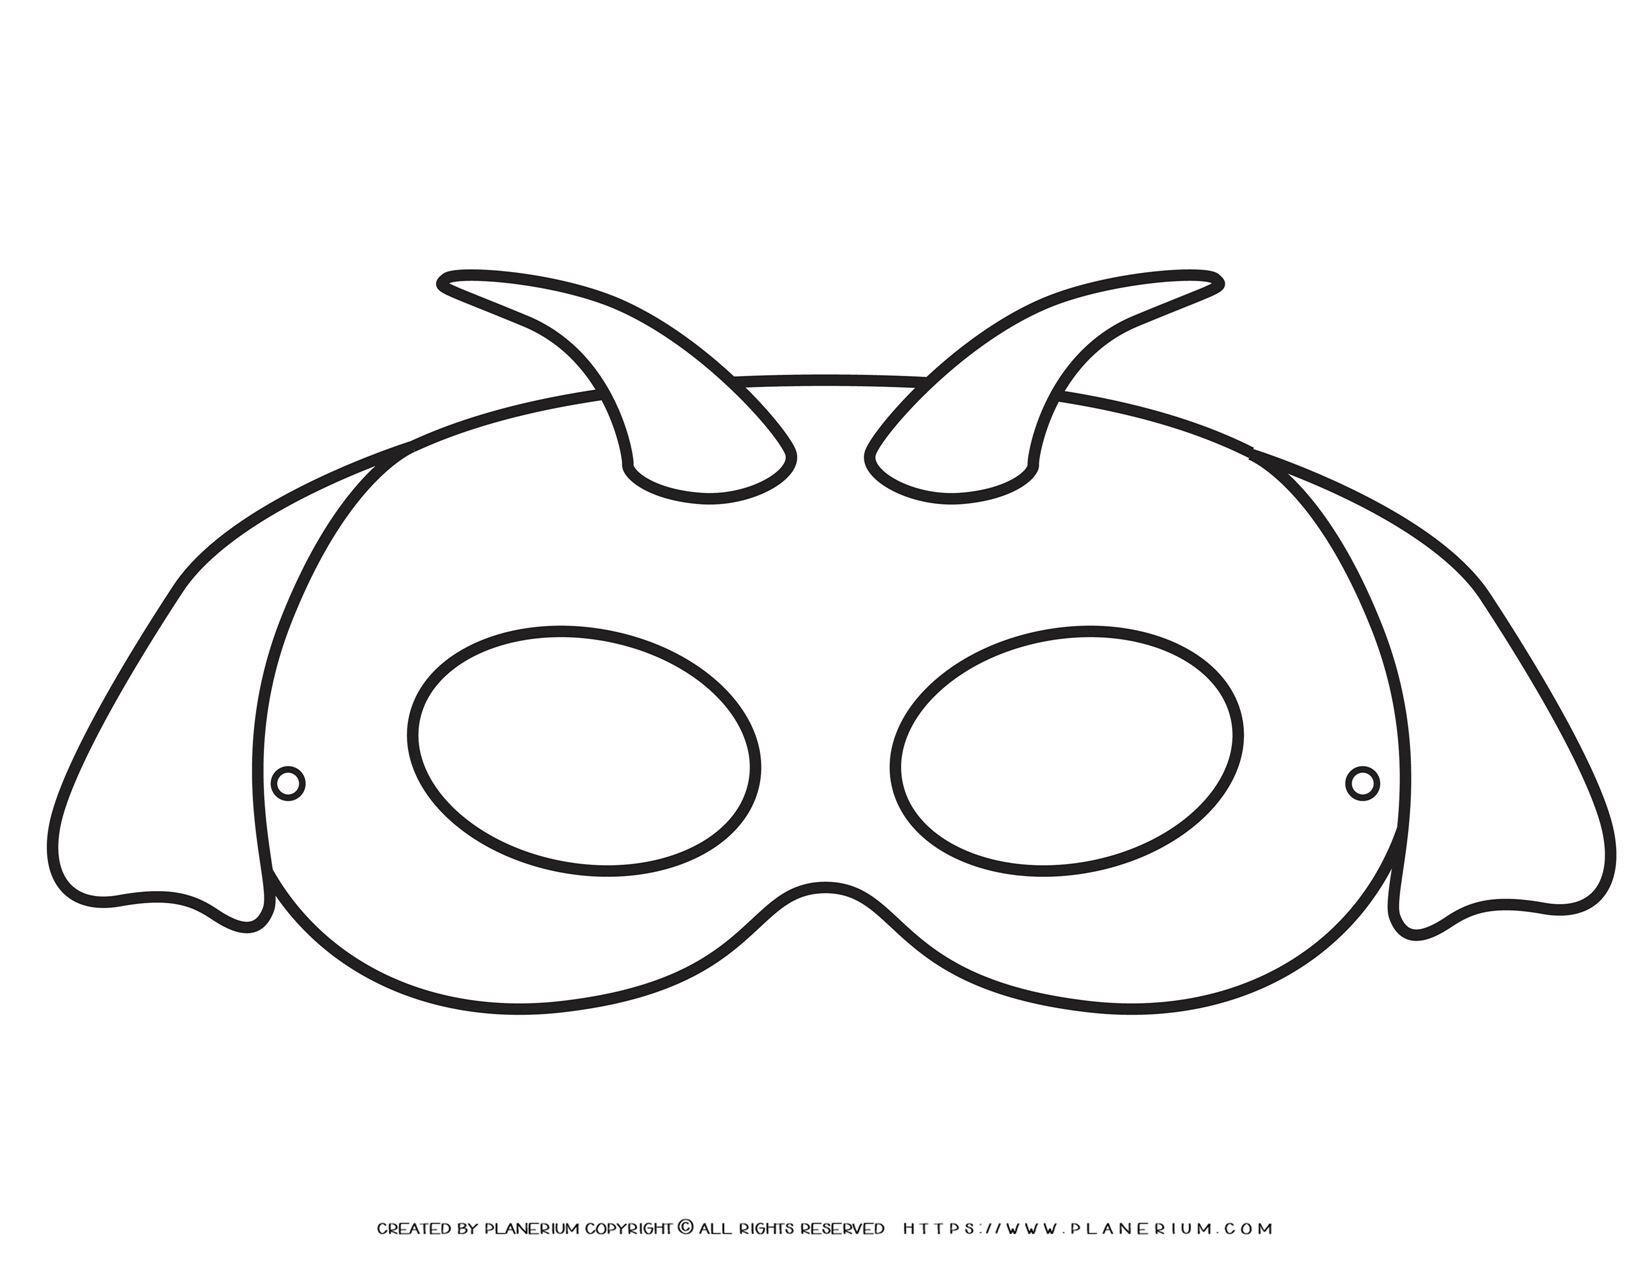 Animal Masks - Goat Eye Mask   Planerium